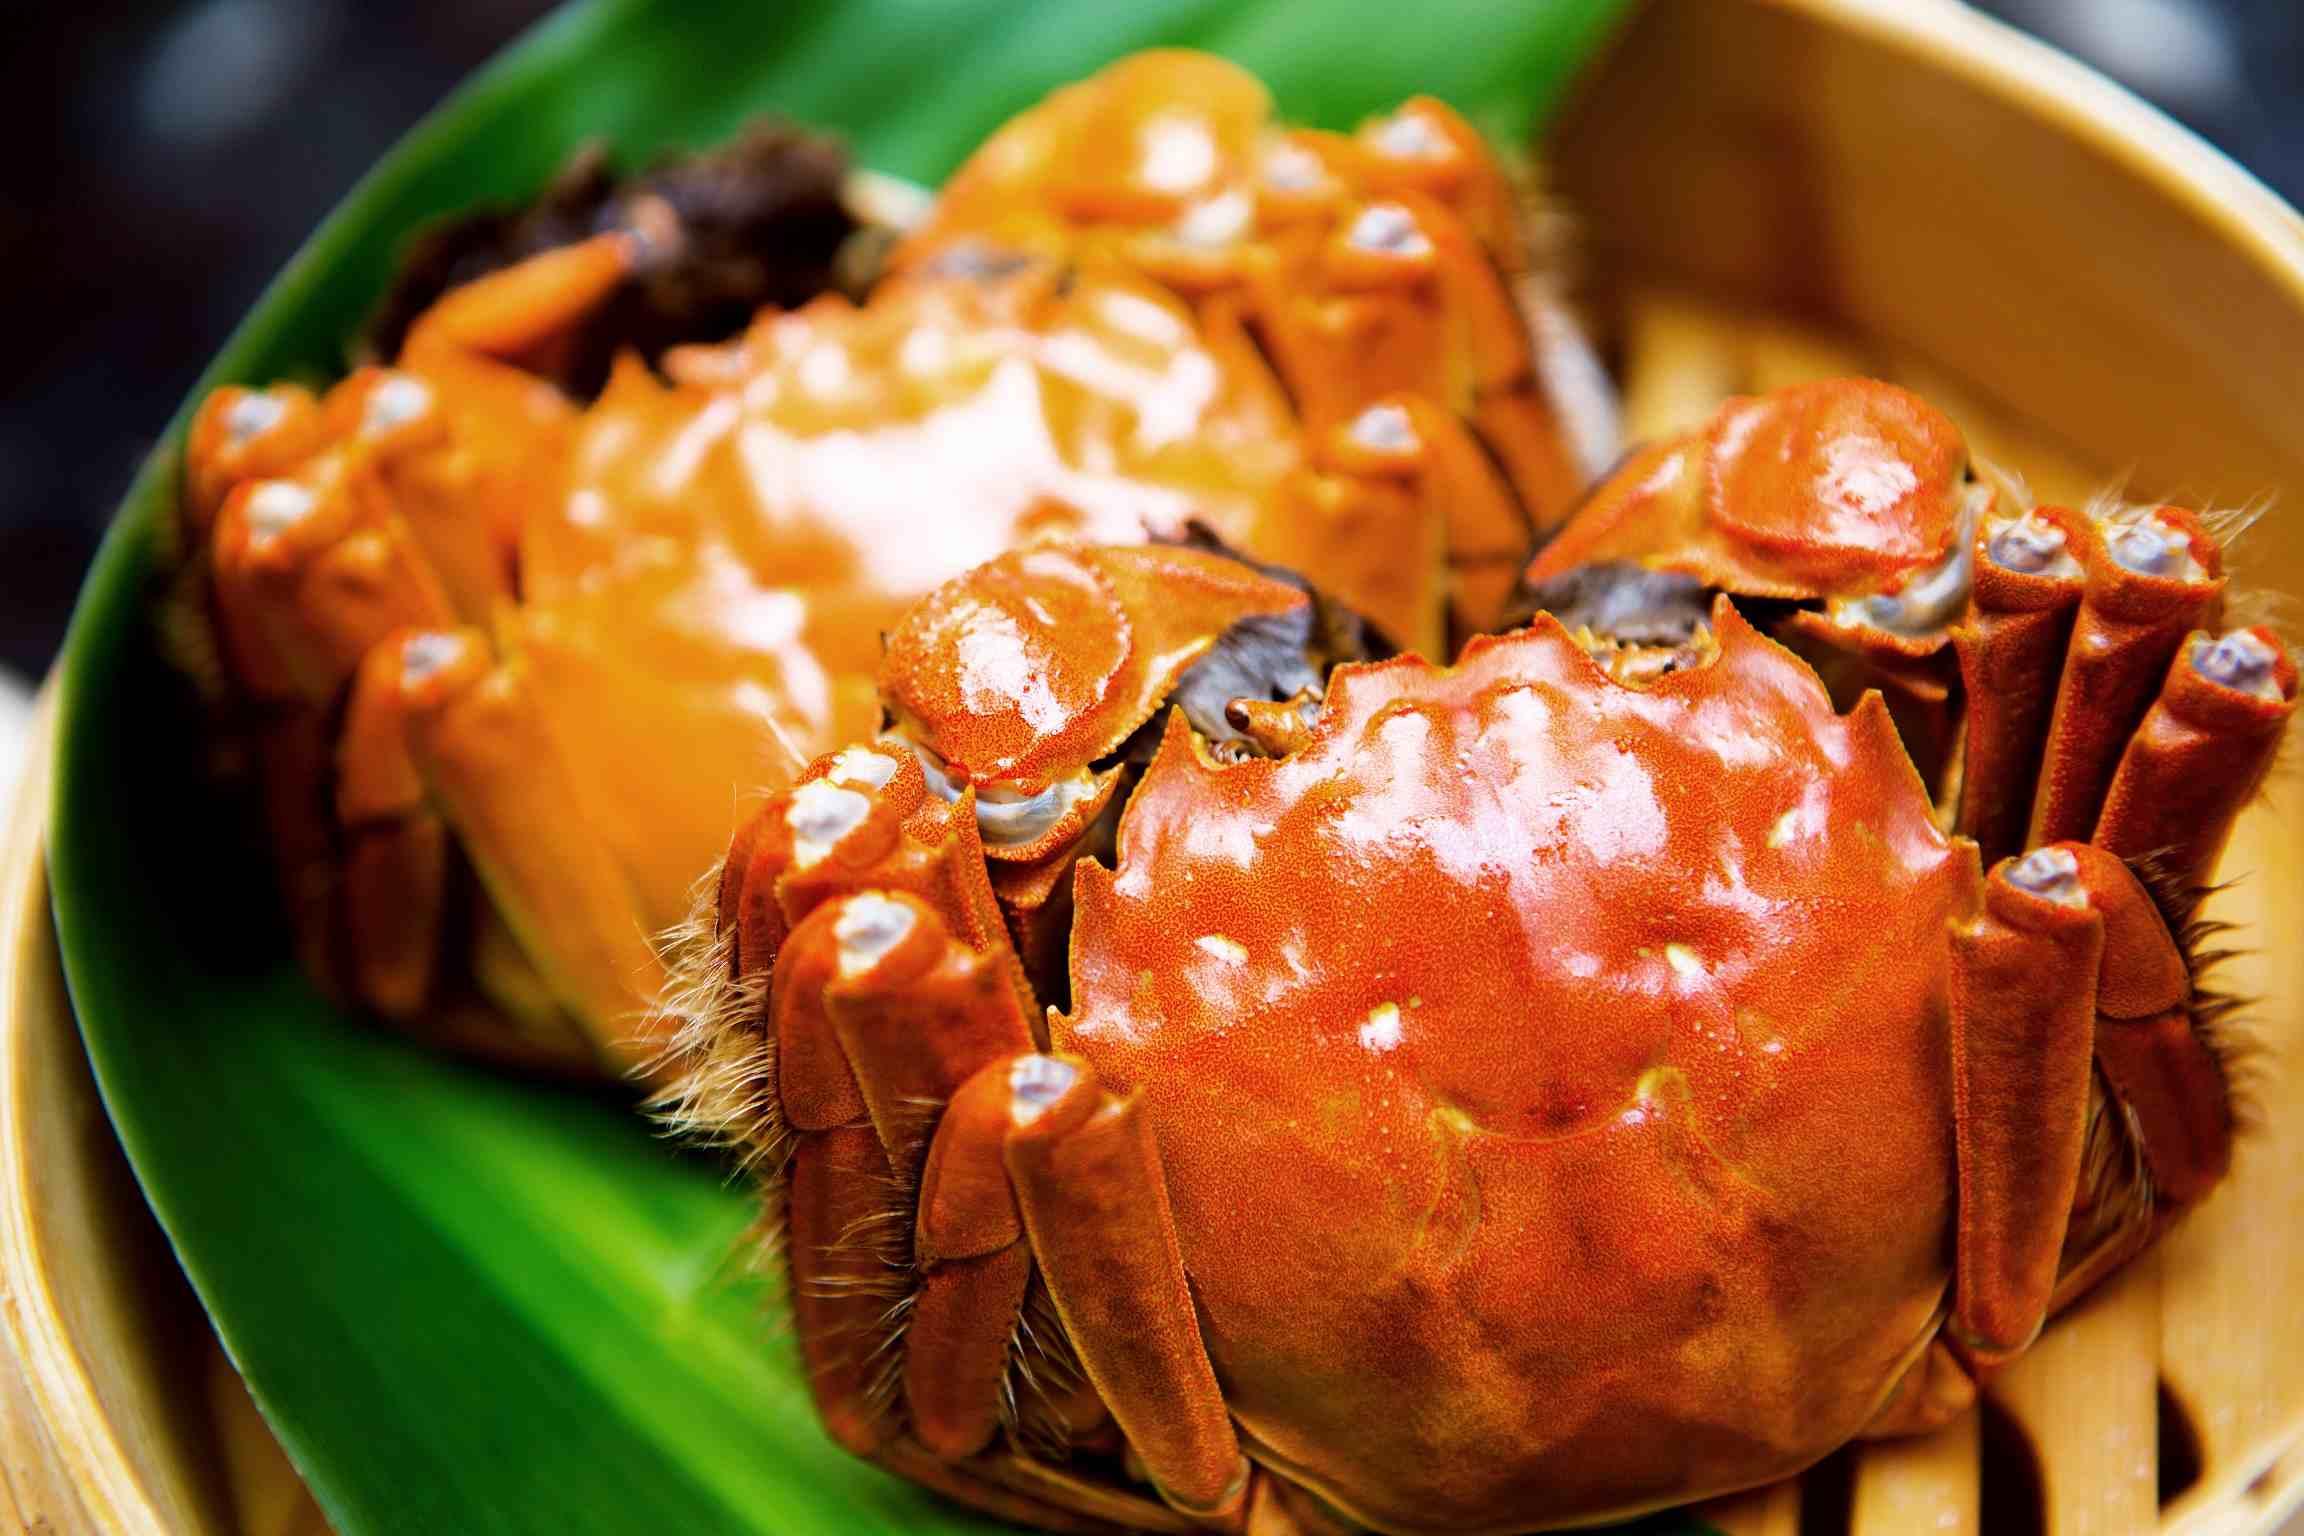 中秋节吃螃蟹公的好还是母的好,中秋节吃螃蟹有什么寓意  第3张